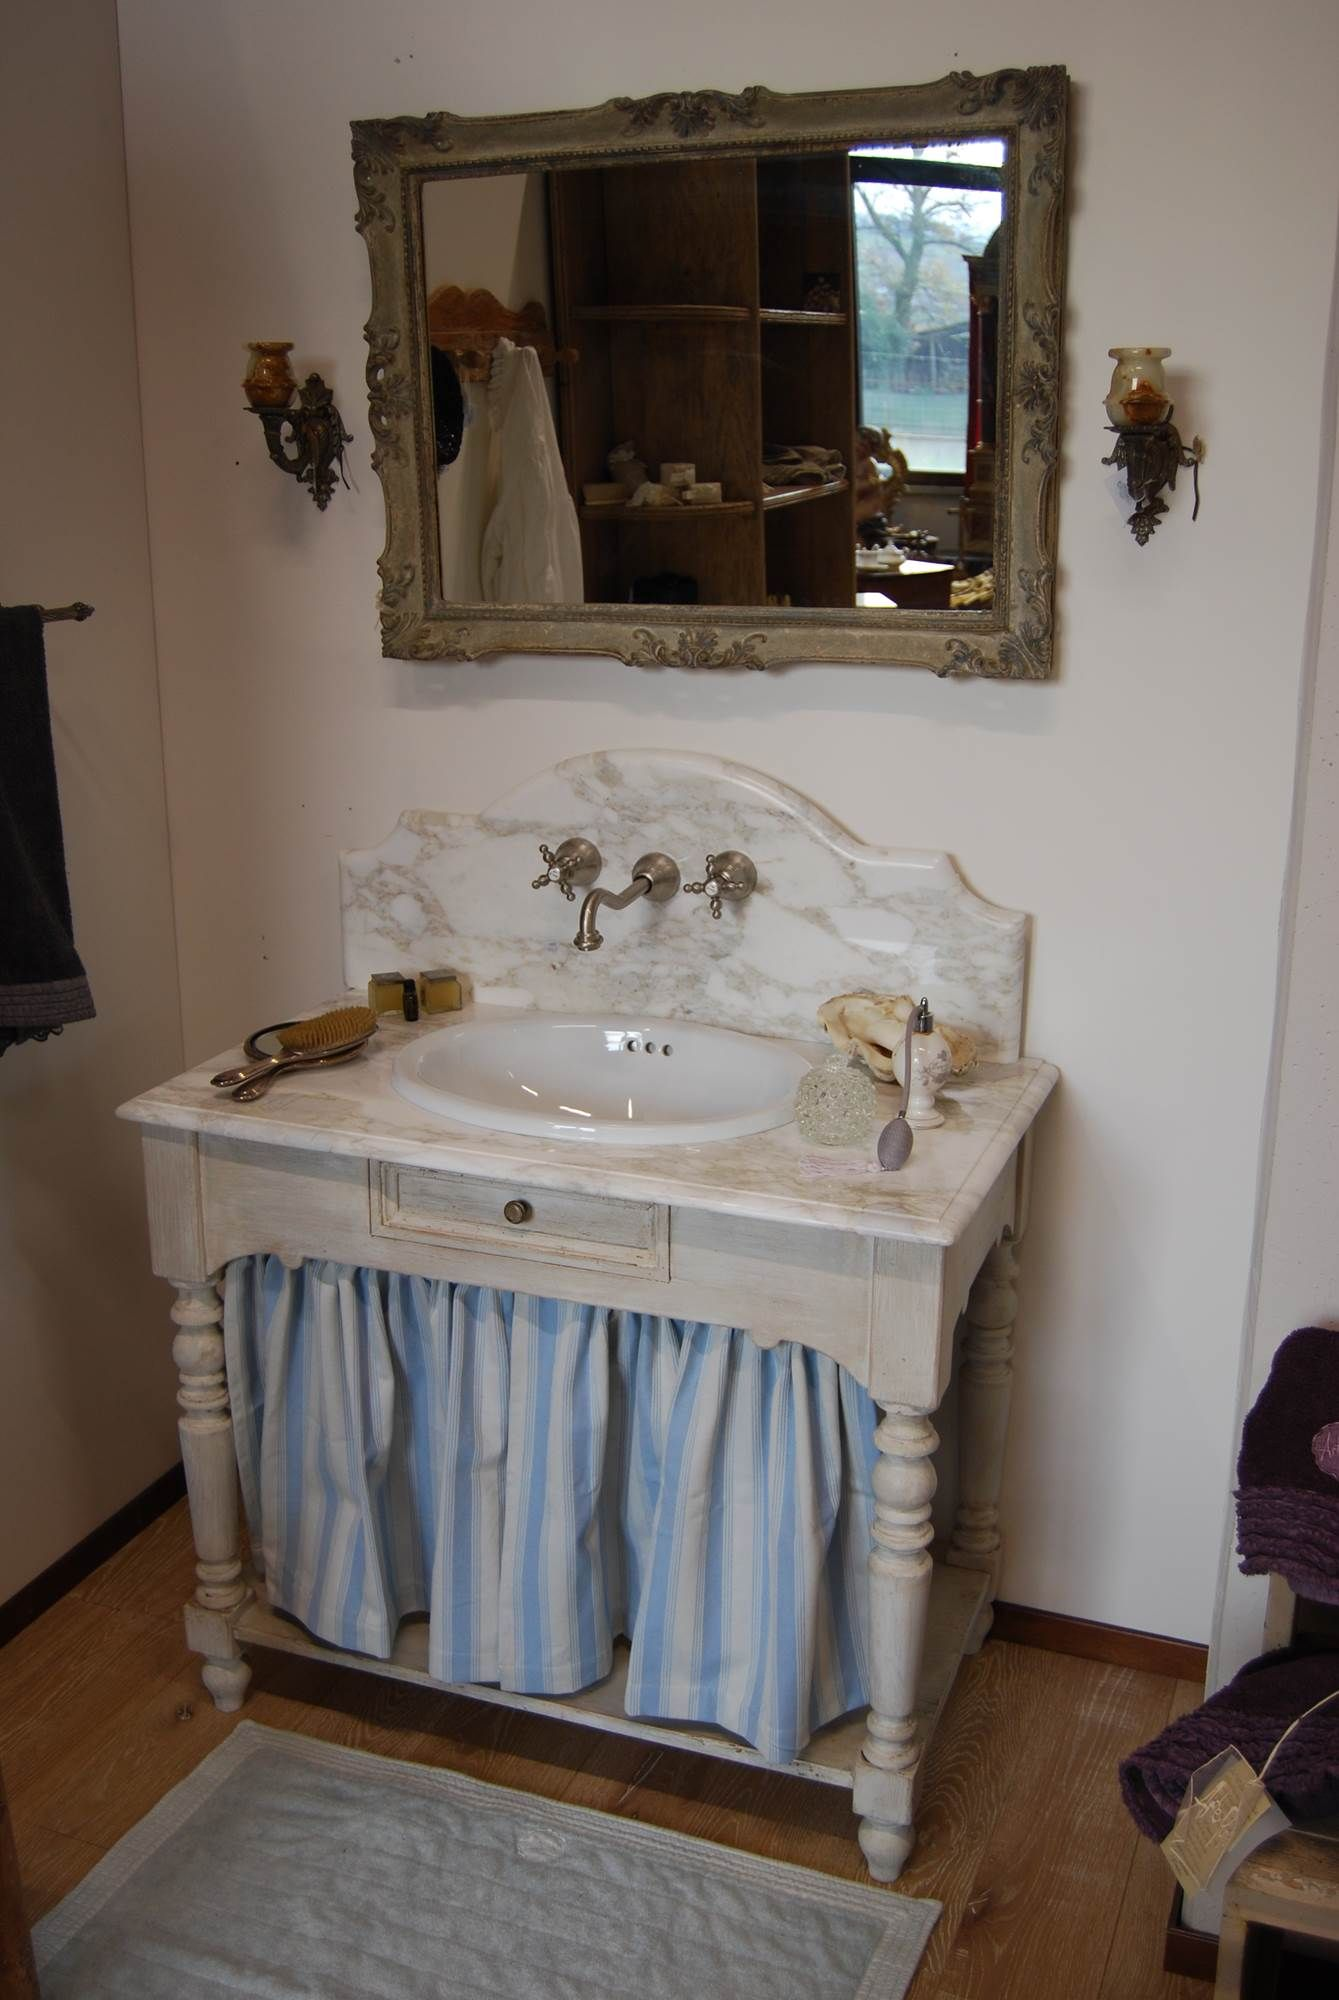 Mobile da bagno in stile provenzale, realizzato in legno antico ...